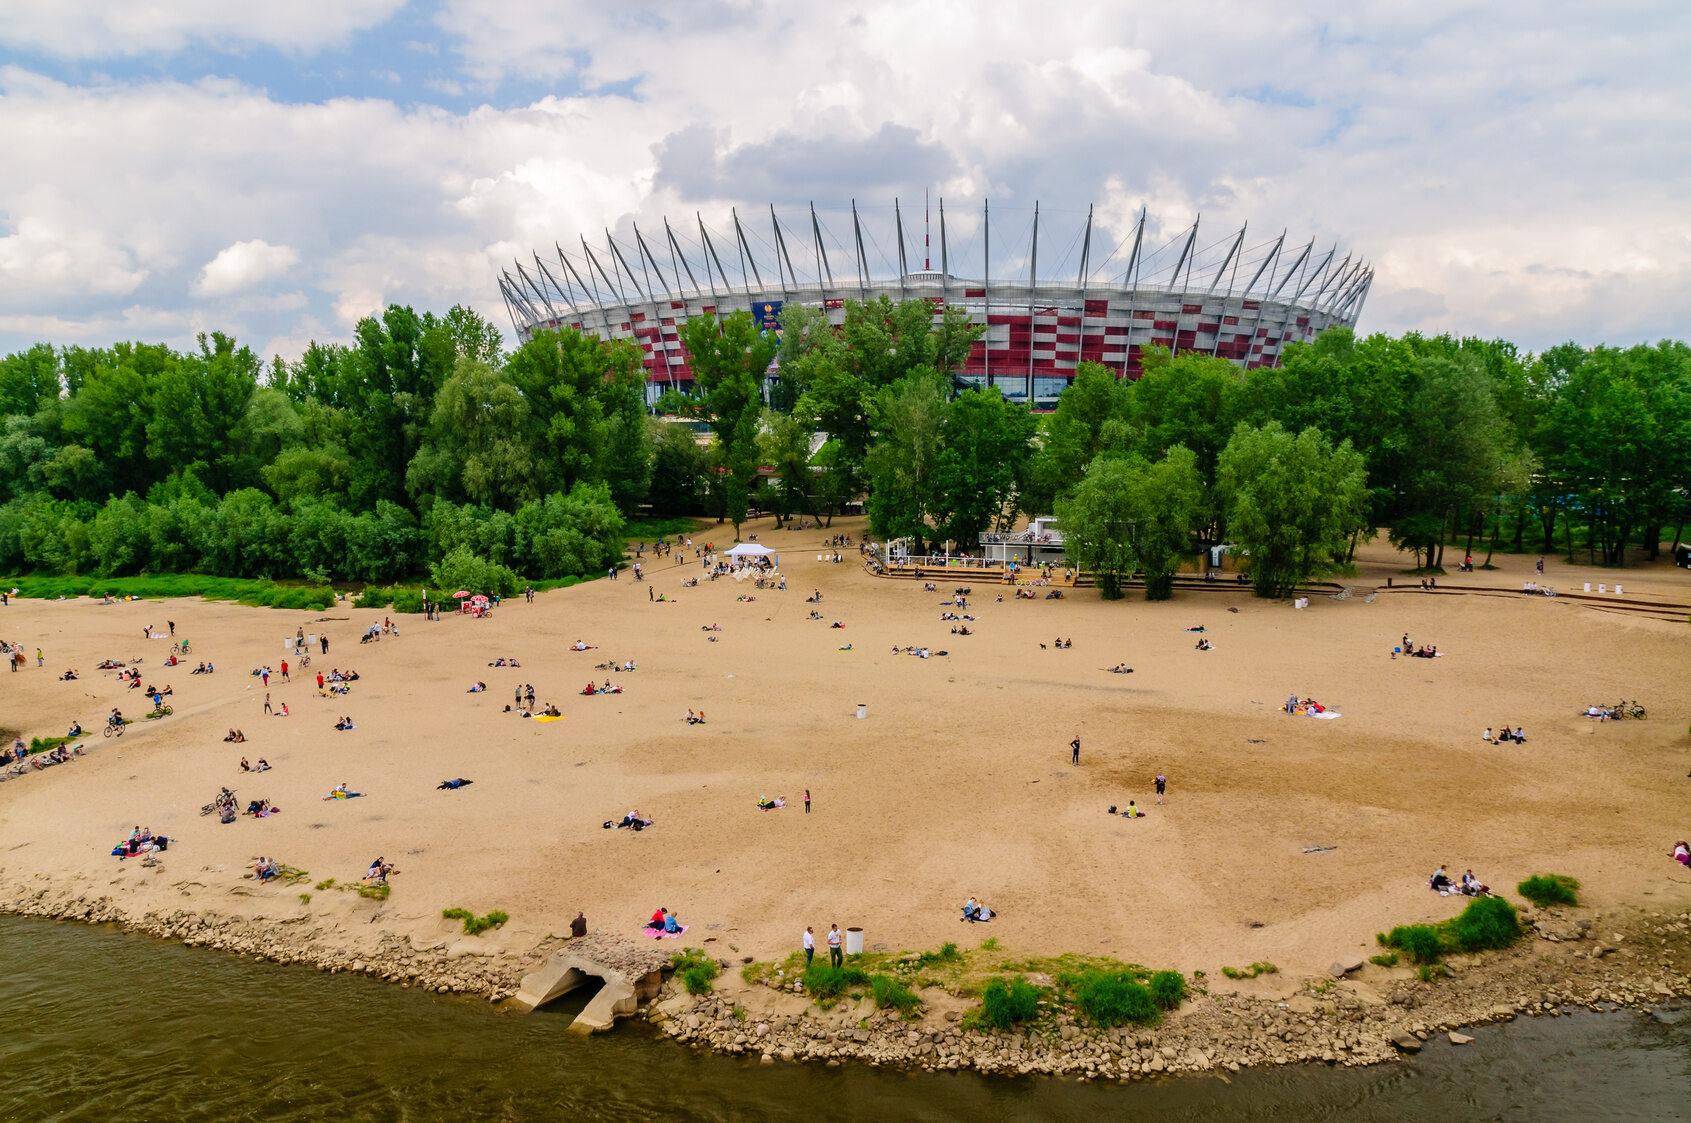 Plaża w pobliżu Stadionu Narodowego w Warszawie